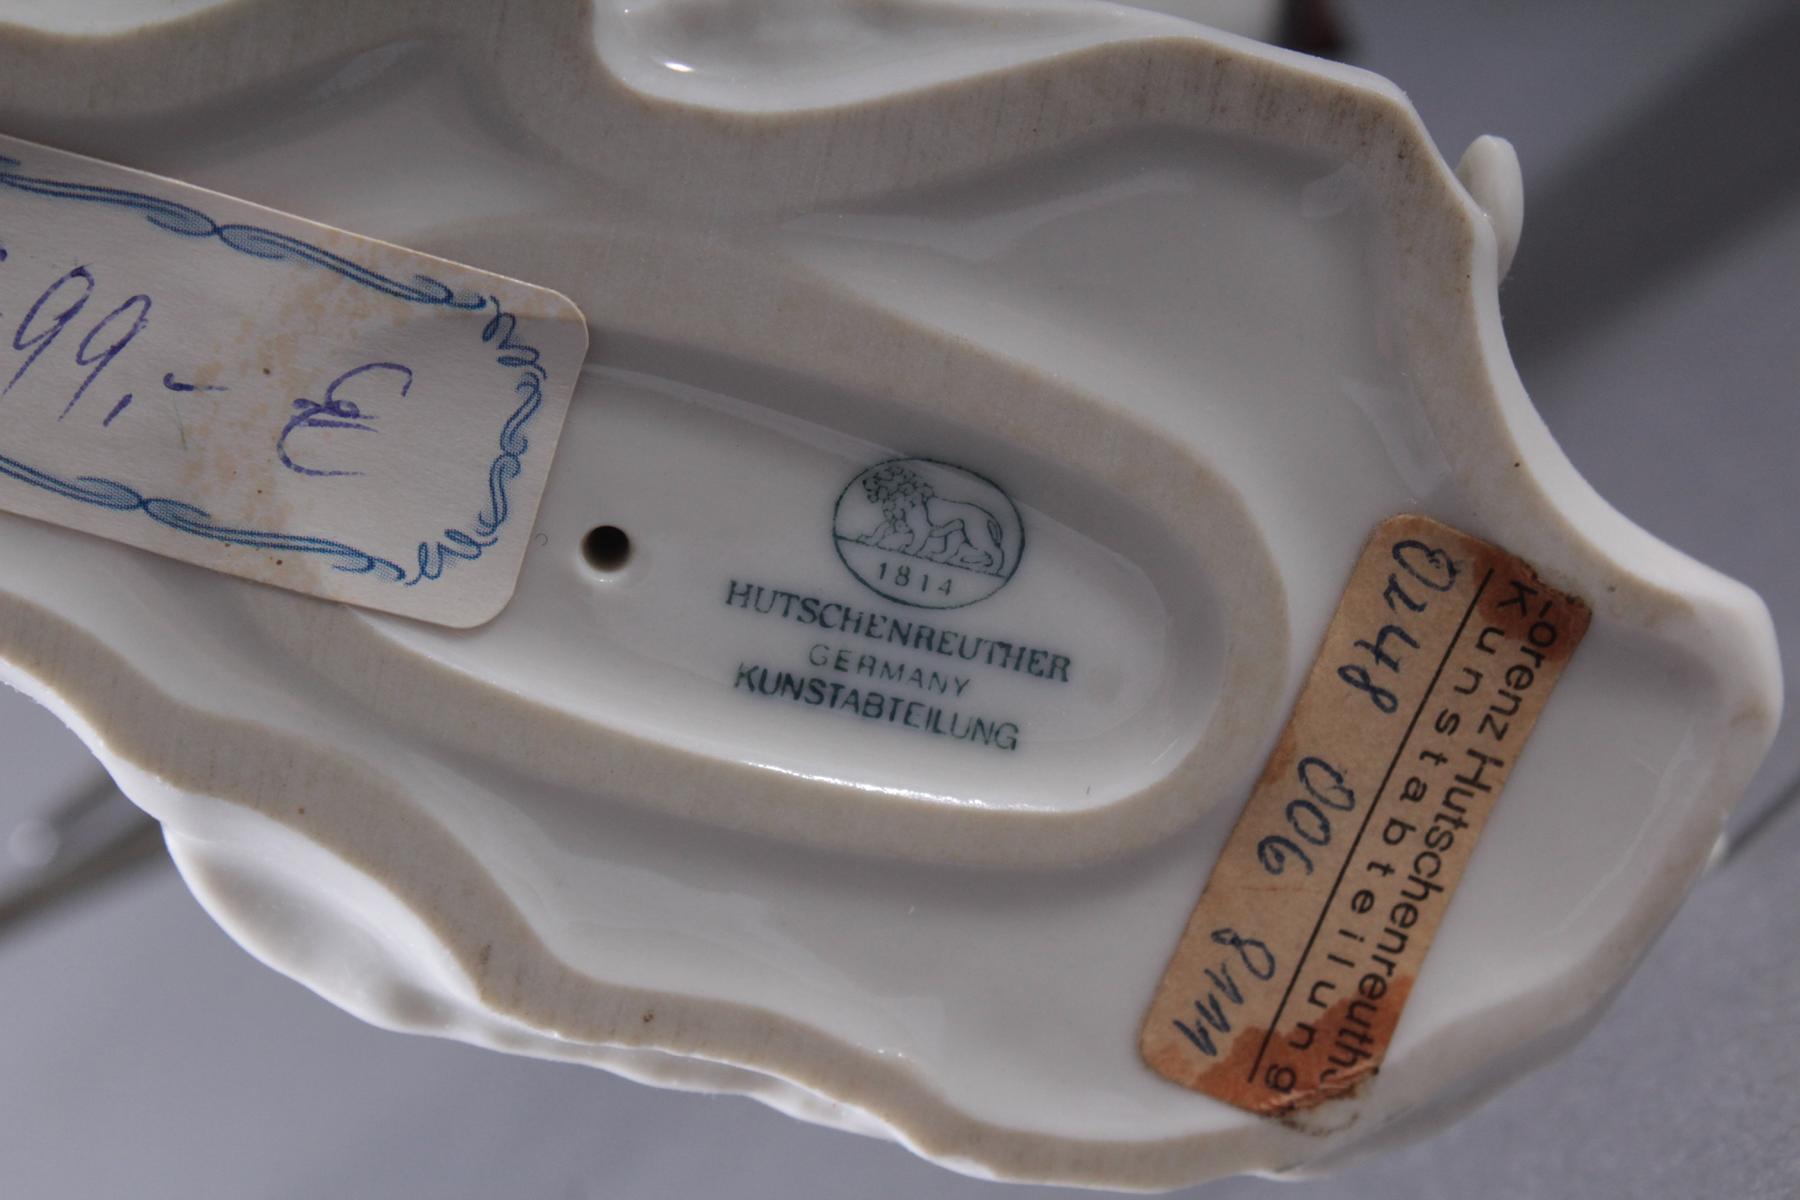 Hutschenreuther Porzellangruppe, 'Rauchschwalben im Flug'-7